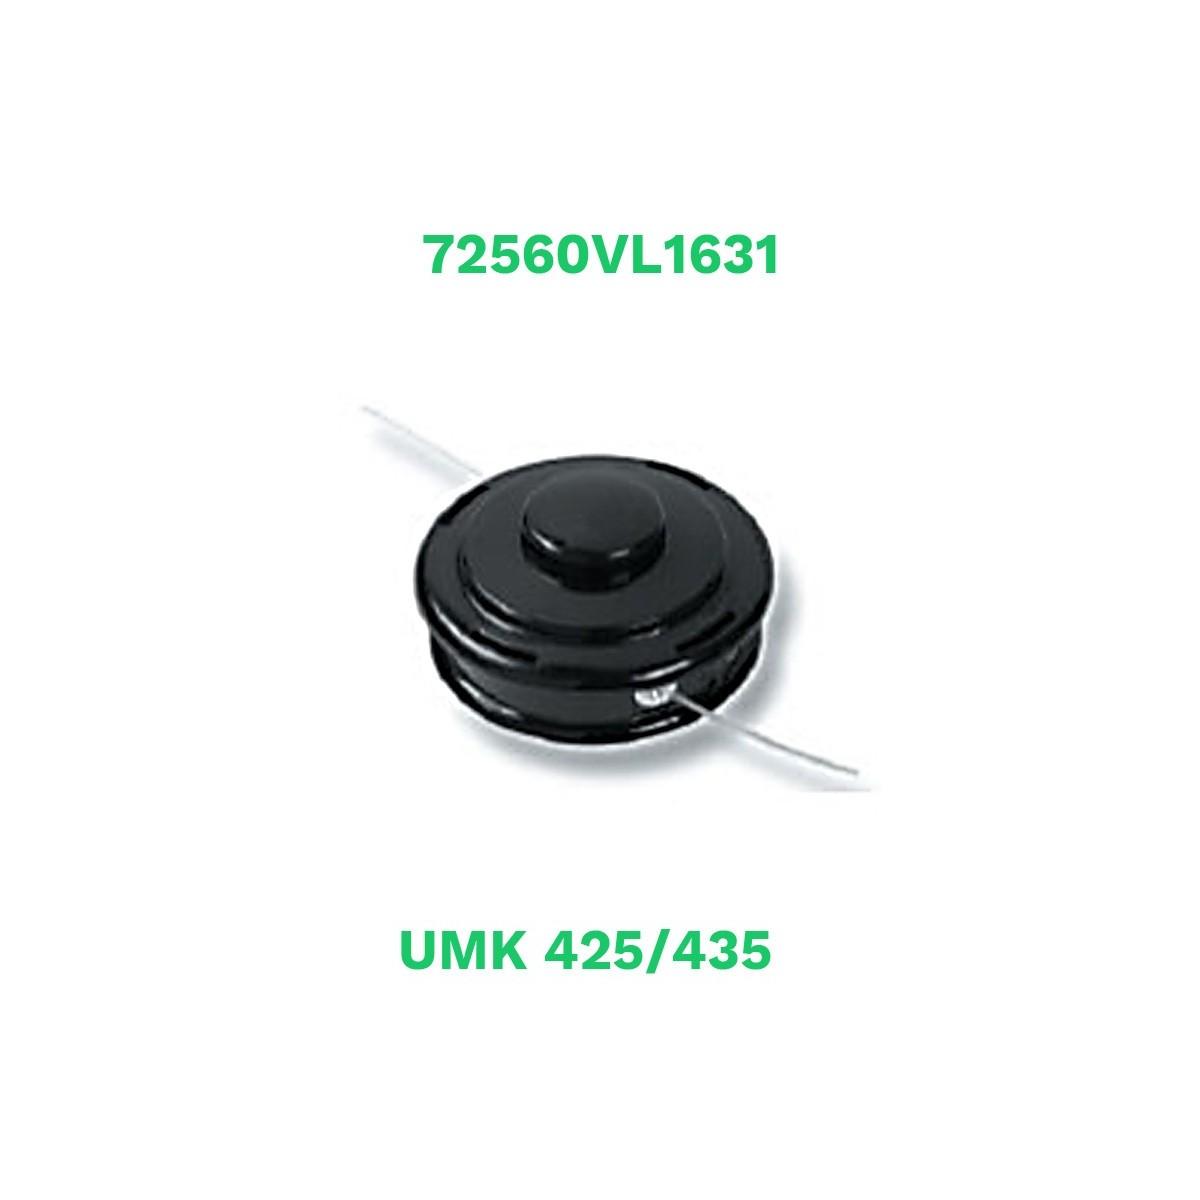 Honda cabezal semiautomatico nylon umk425/435 (72560vl1631)